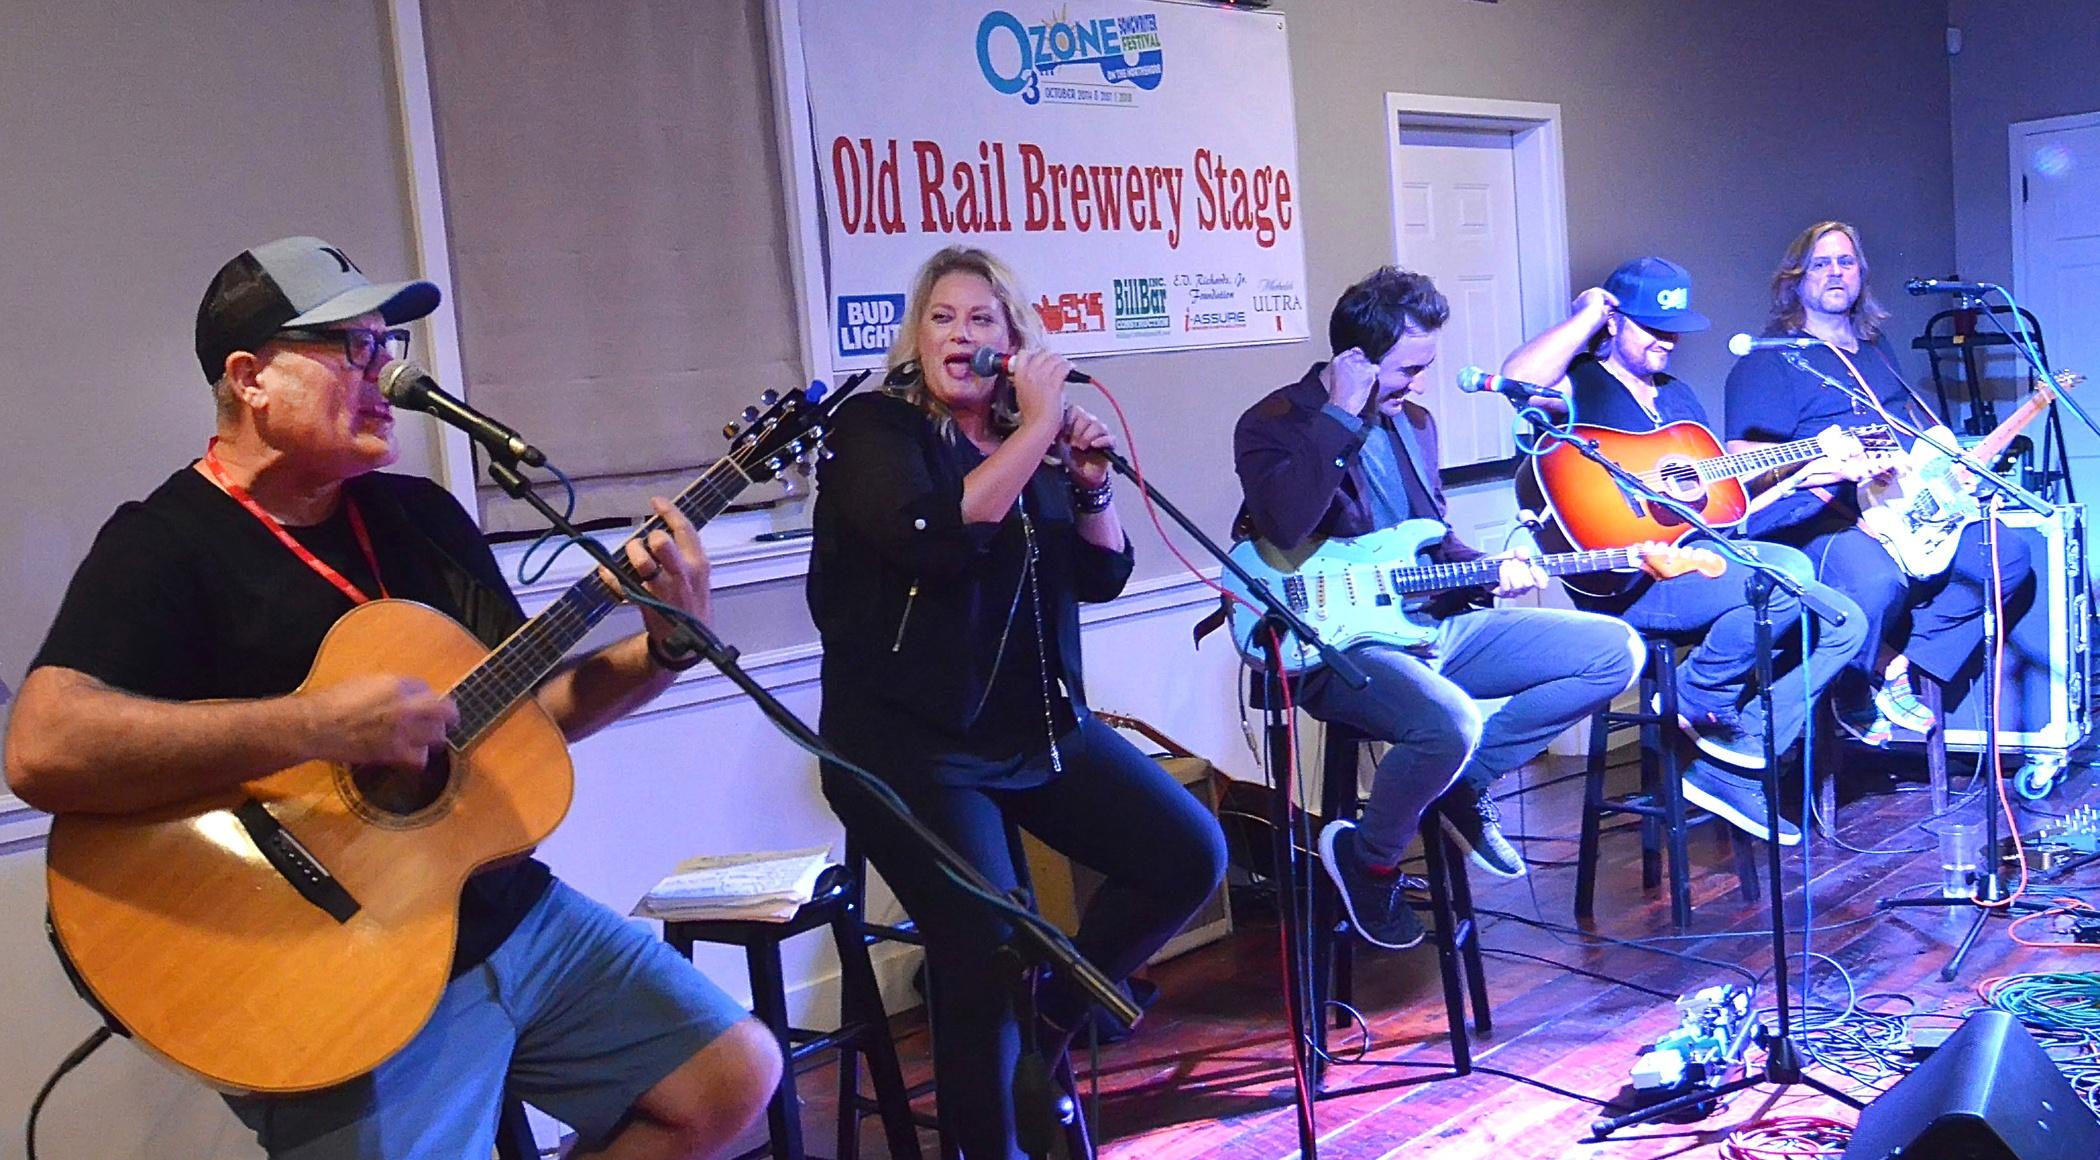 Ozone Songwriter Festival